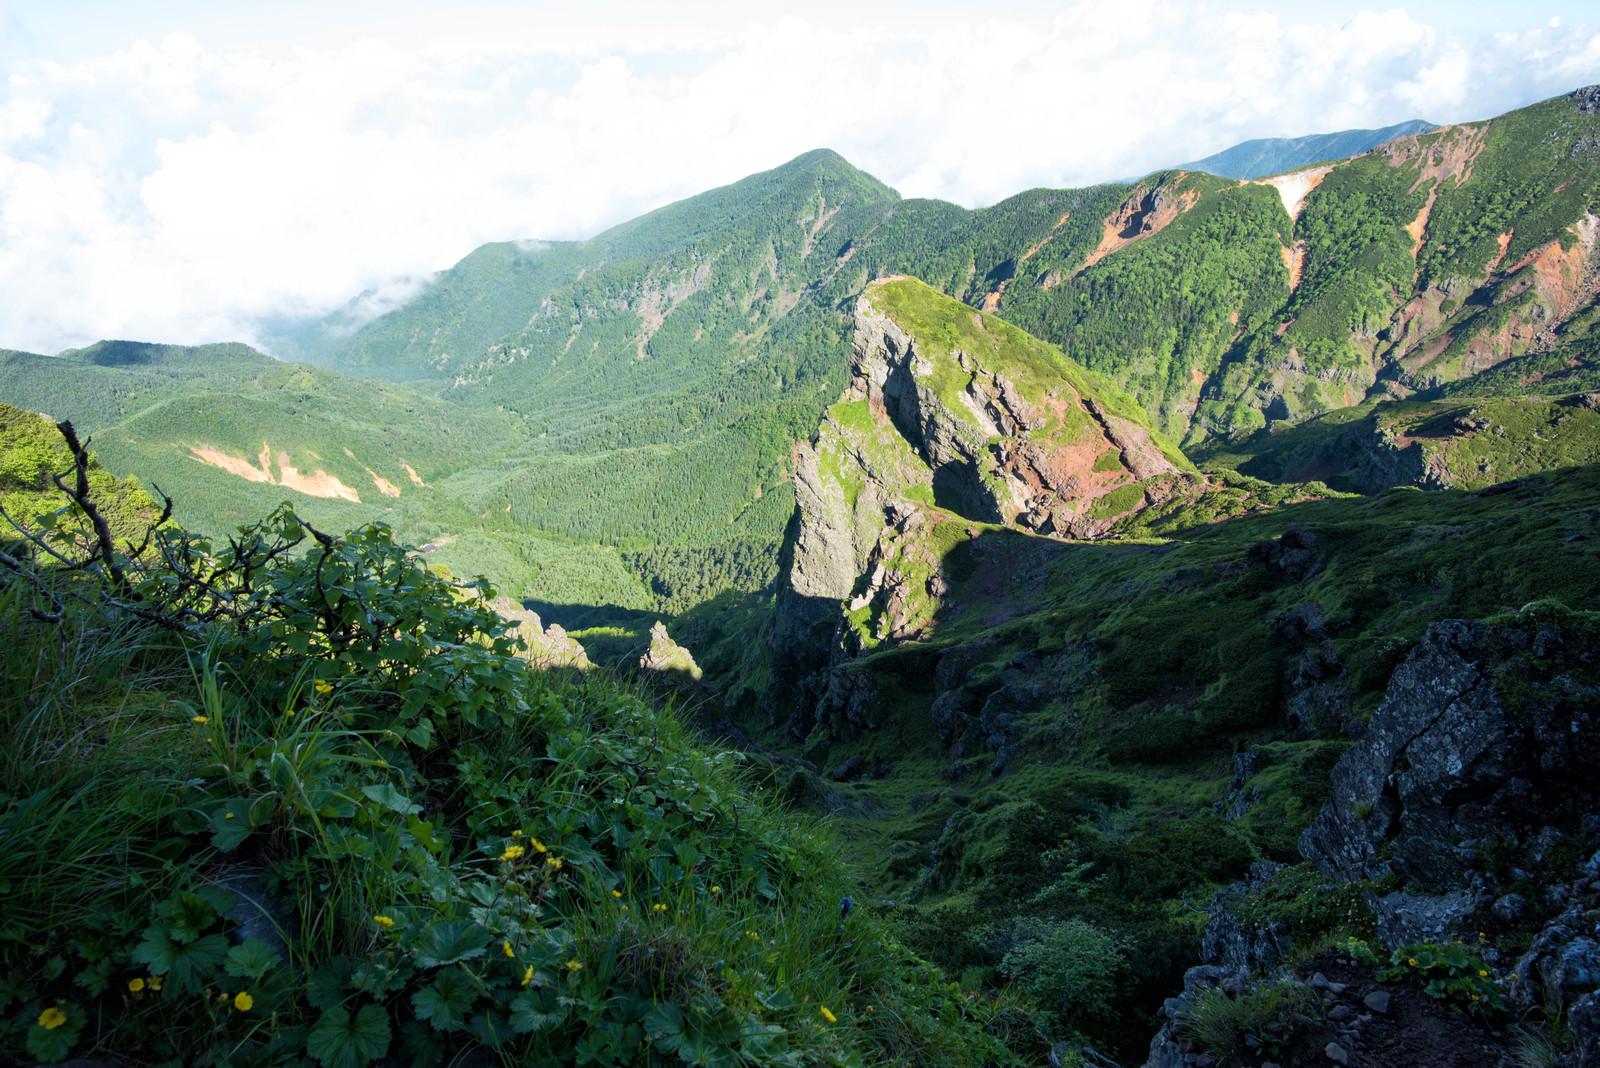 「大同心稜の岩場に育つ高山植物」の写真